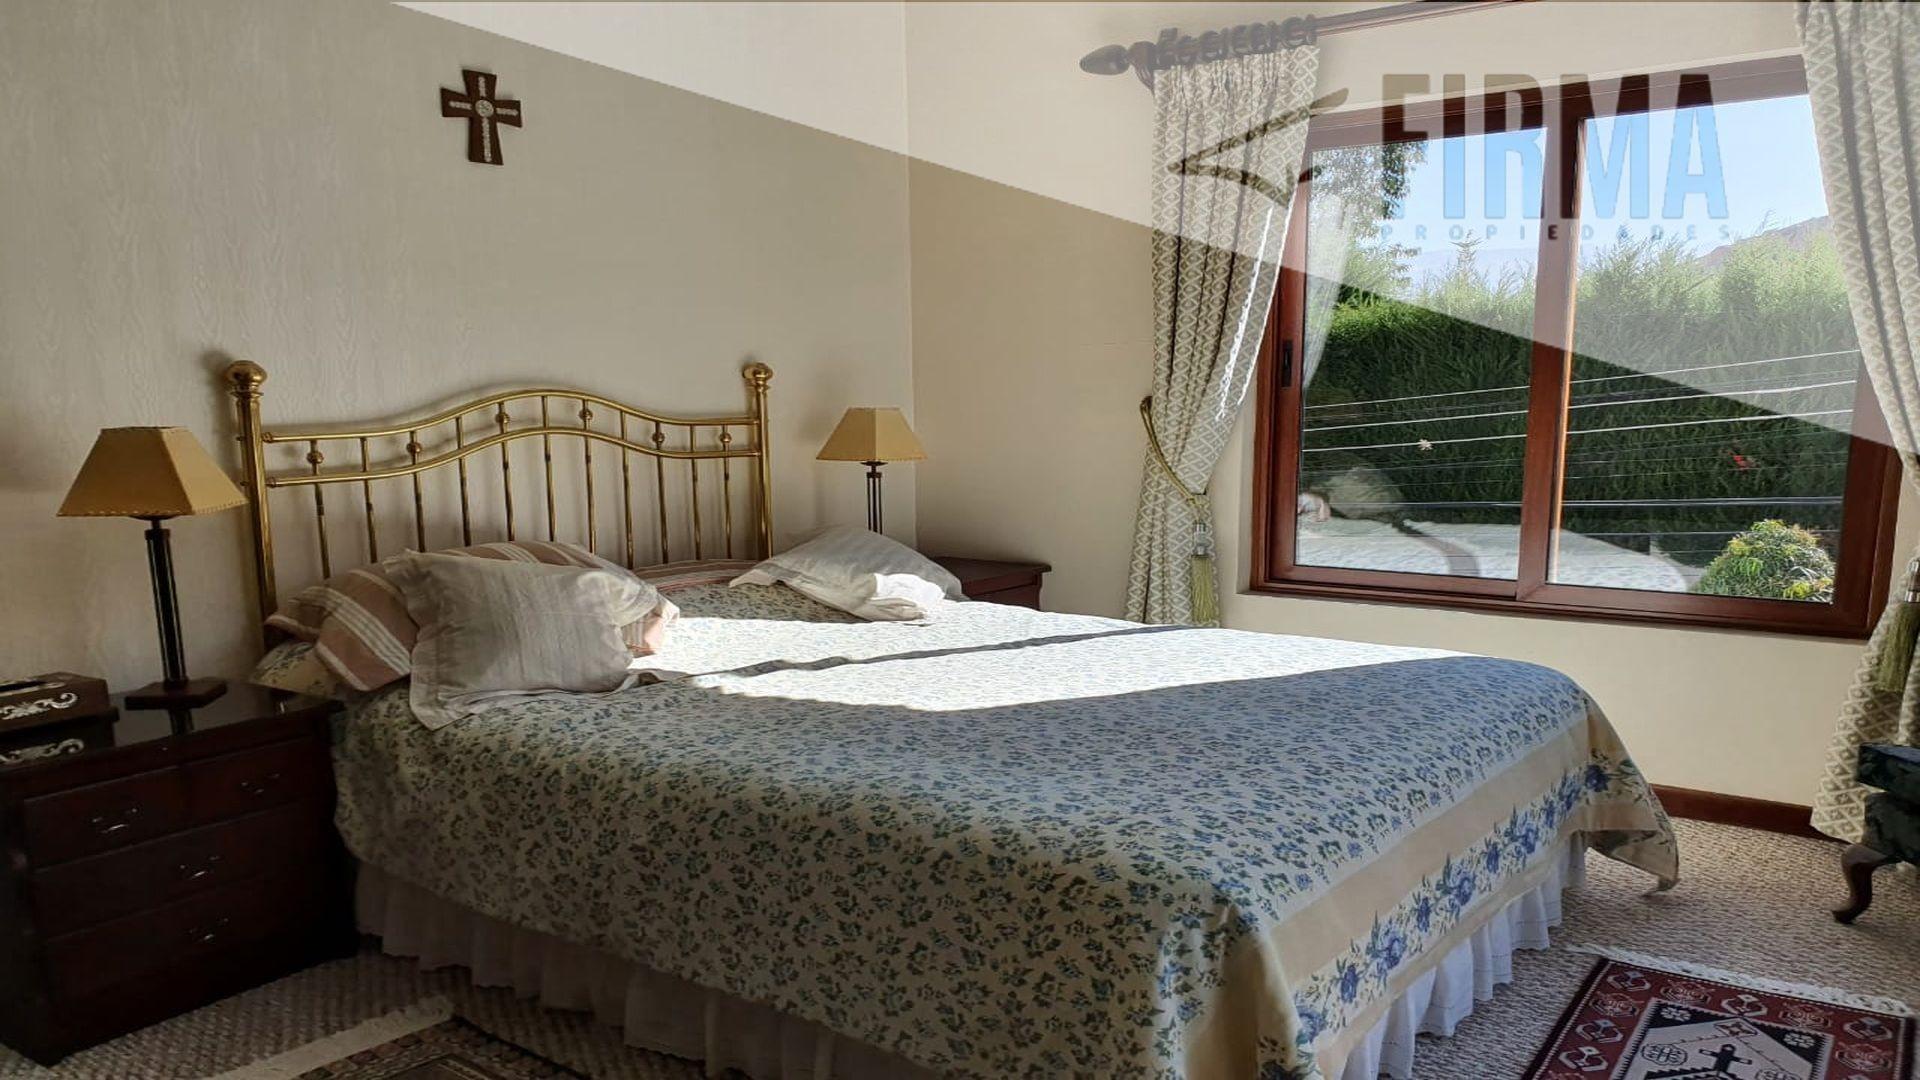 Casa en Venta COMPRA TU LUJOSA RESIDENCIA EN LA FLORIDA Foto 19